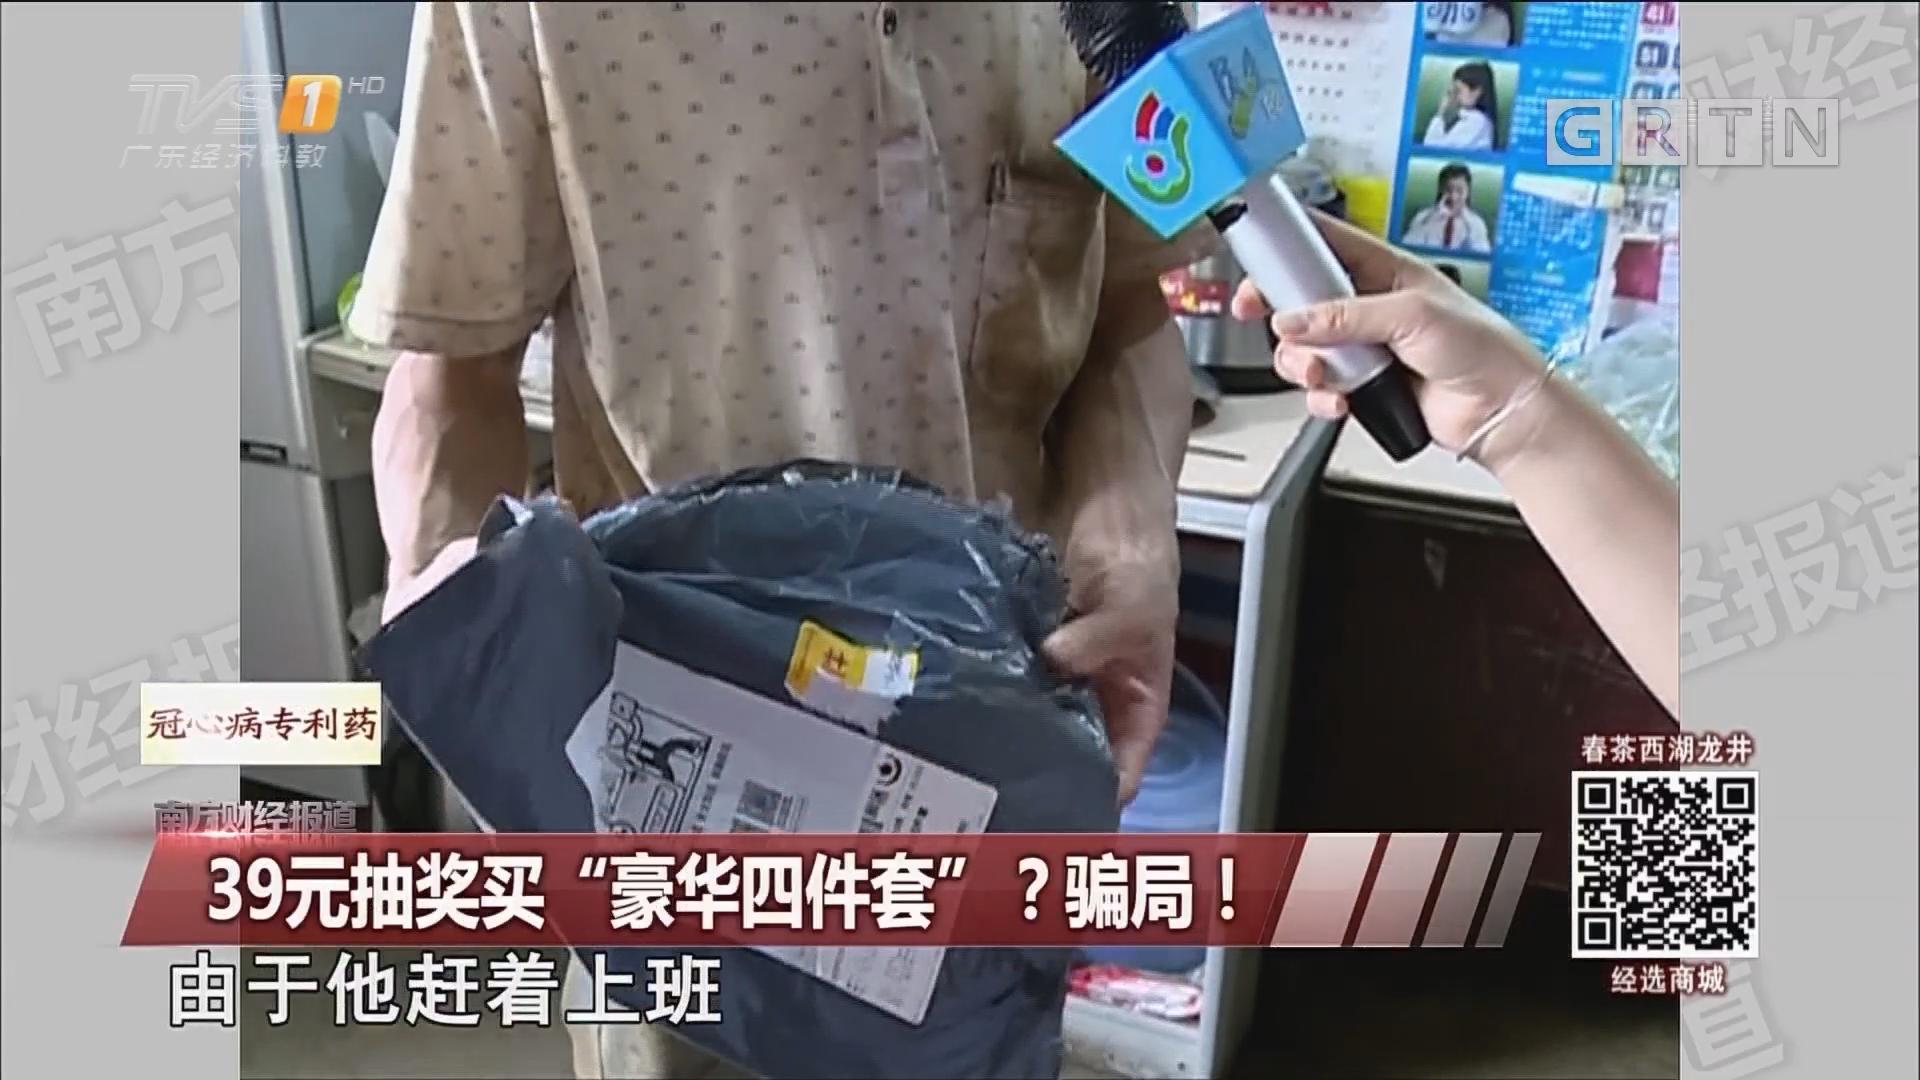 """39元抽奖买""""豪华四件套""""?骗局!"""